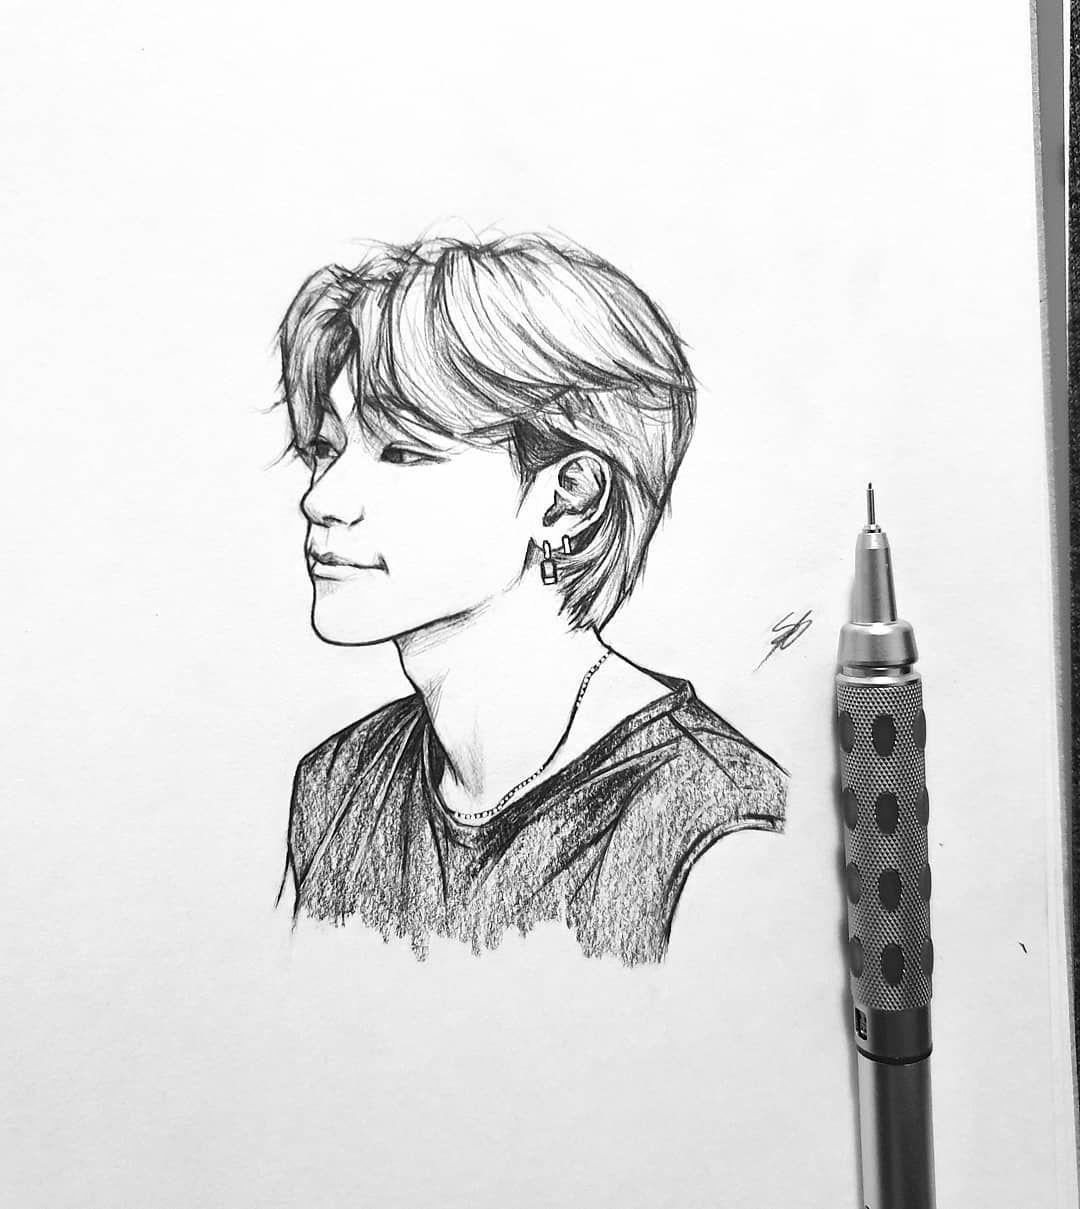 40 8k Likes 228 Comments Nikki Shooky Dough On Instagram Ateez Ateezfanart Fanart Choisan San Art Kpop Drawings Fan Art Drawing Sans Art